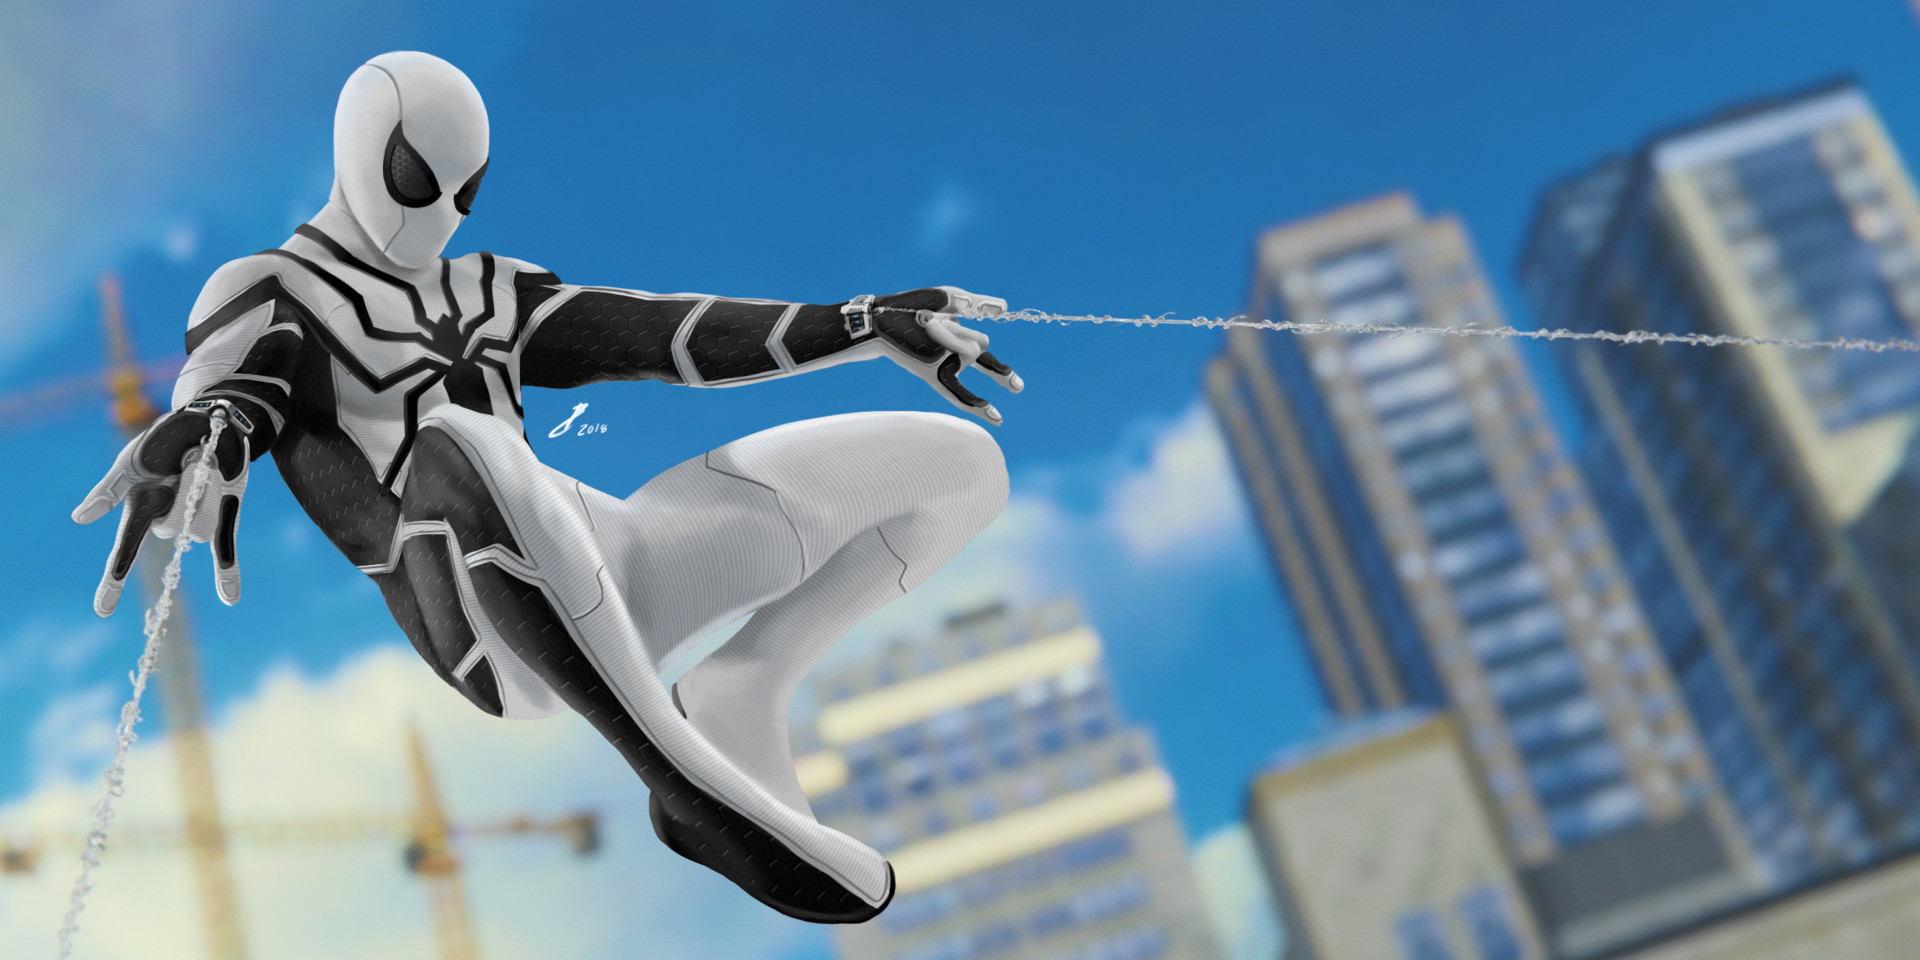 темой прядения белый человек паук картинка закрыта данная